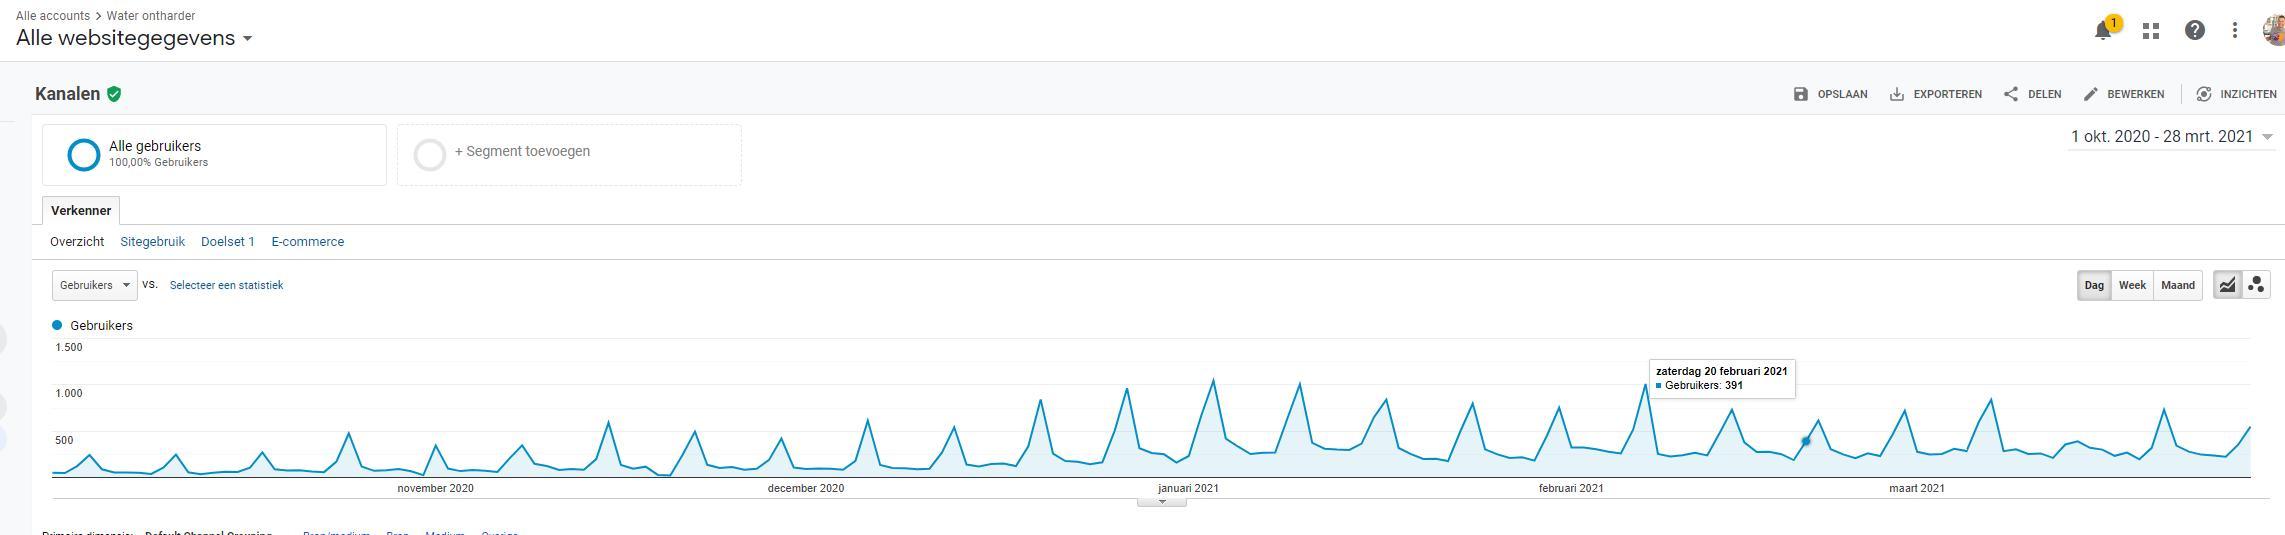 80 gerelateerde artikelen op sterke websites DR25+ om veel hoger te scoren in Google.-analytics-jpg